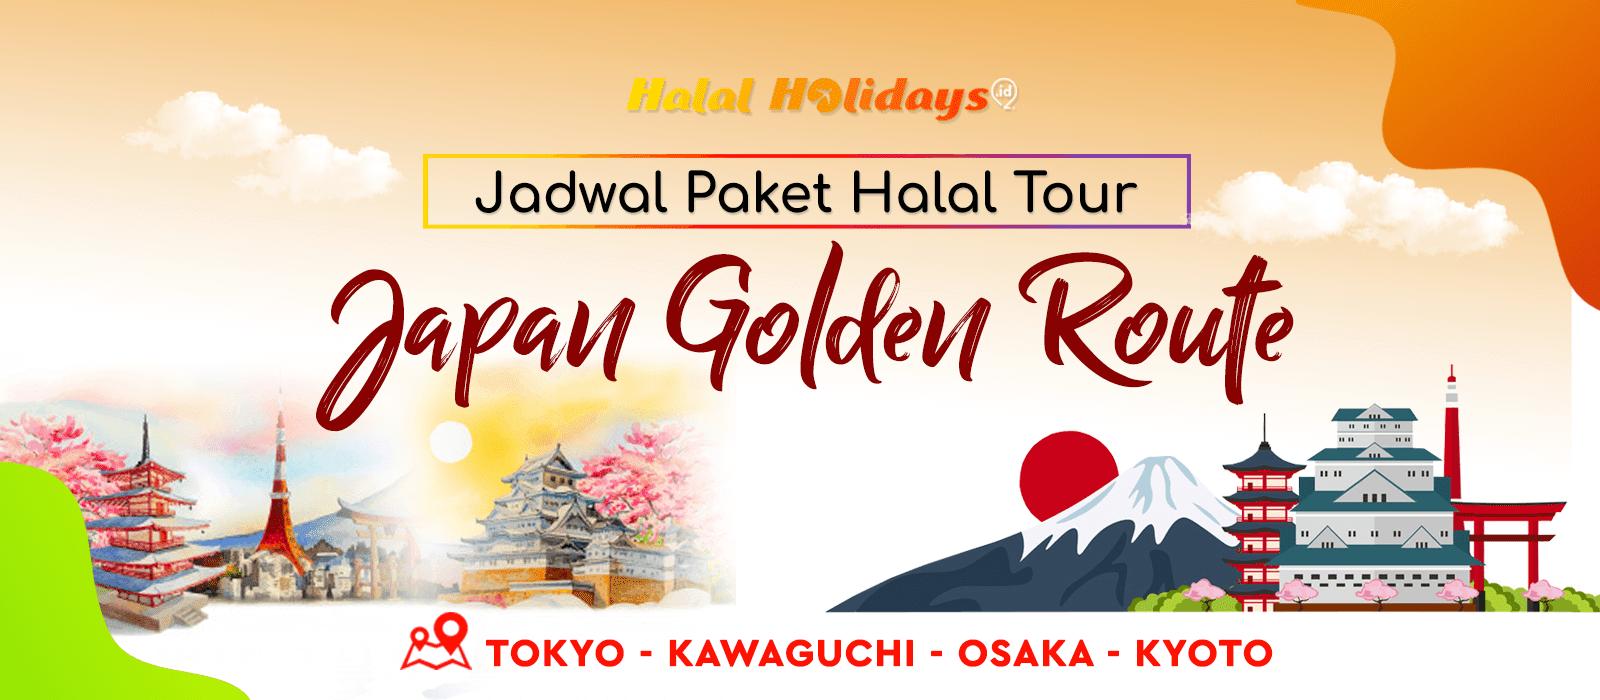 Paket Wisata Halal Tour Jepang Tokyo Osaka Kyoto Tahun 2020 2021